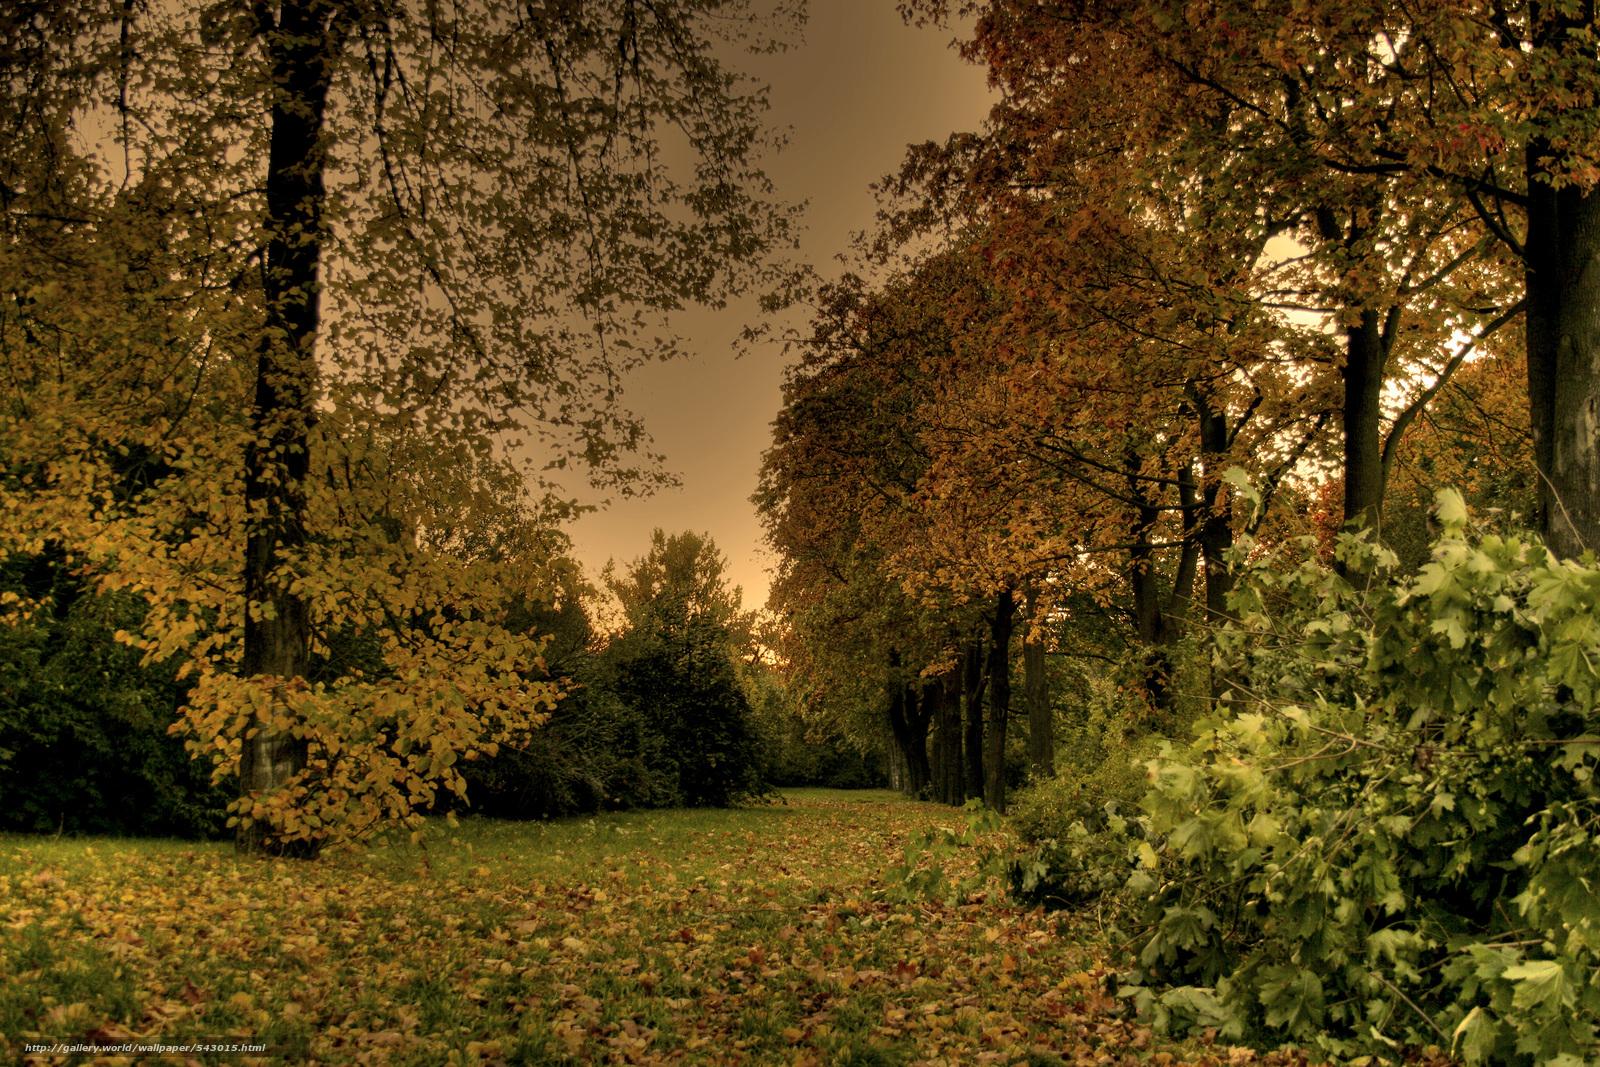 tlcharger fond d 39 ecran automne for t arbres paysage fonds d 39 ecran gratuits pour votre. Black Bedroom Furniture Sets. Home Design Ideas